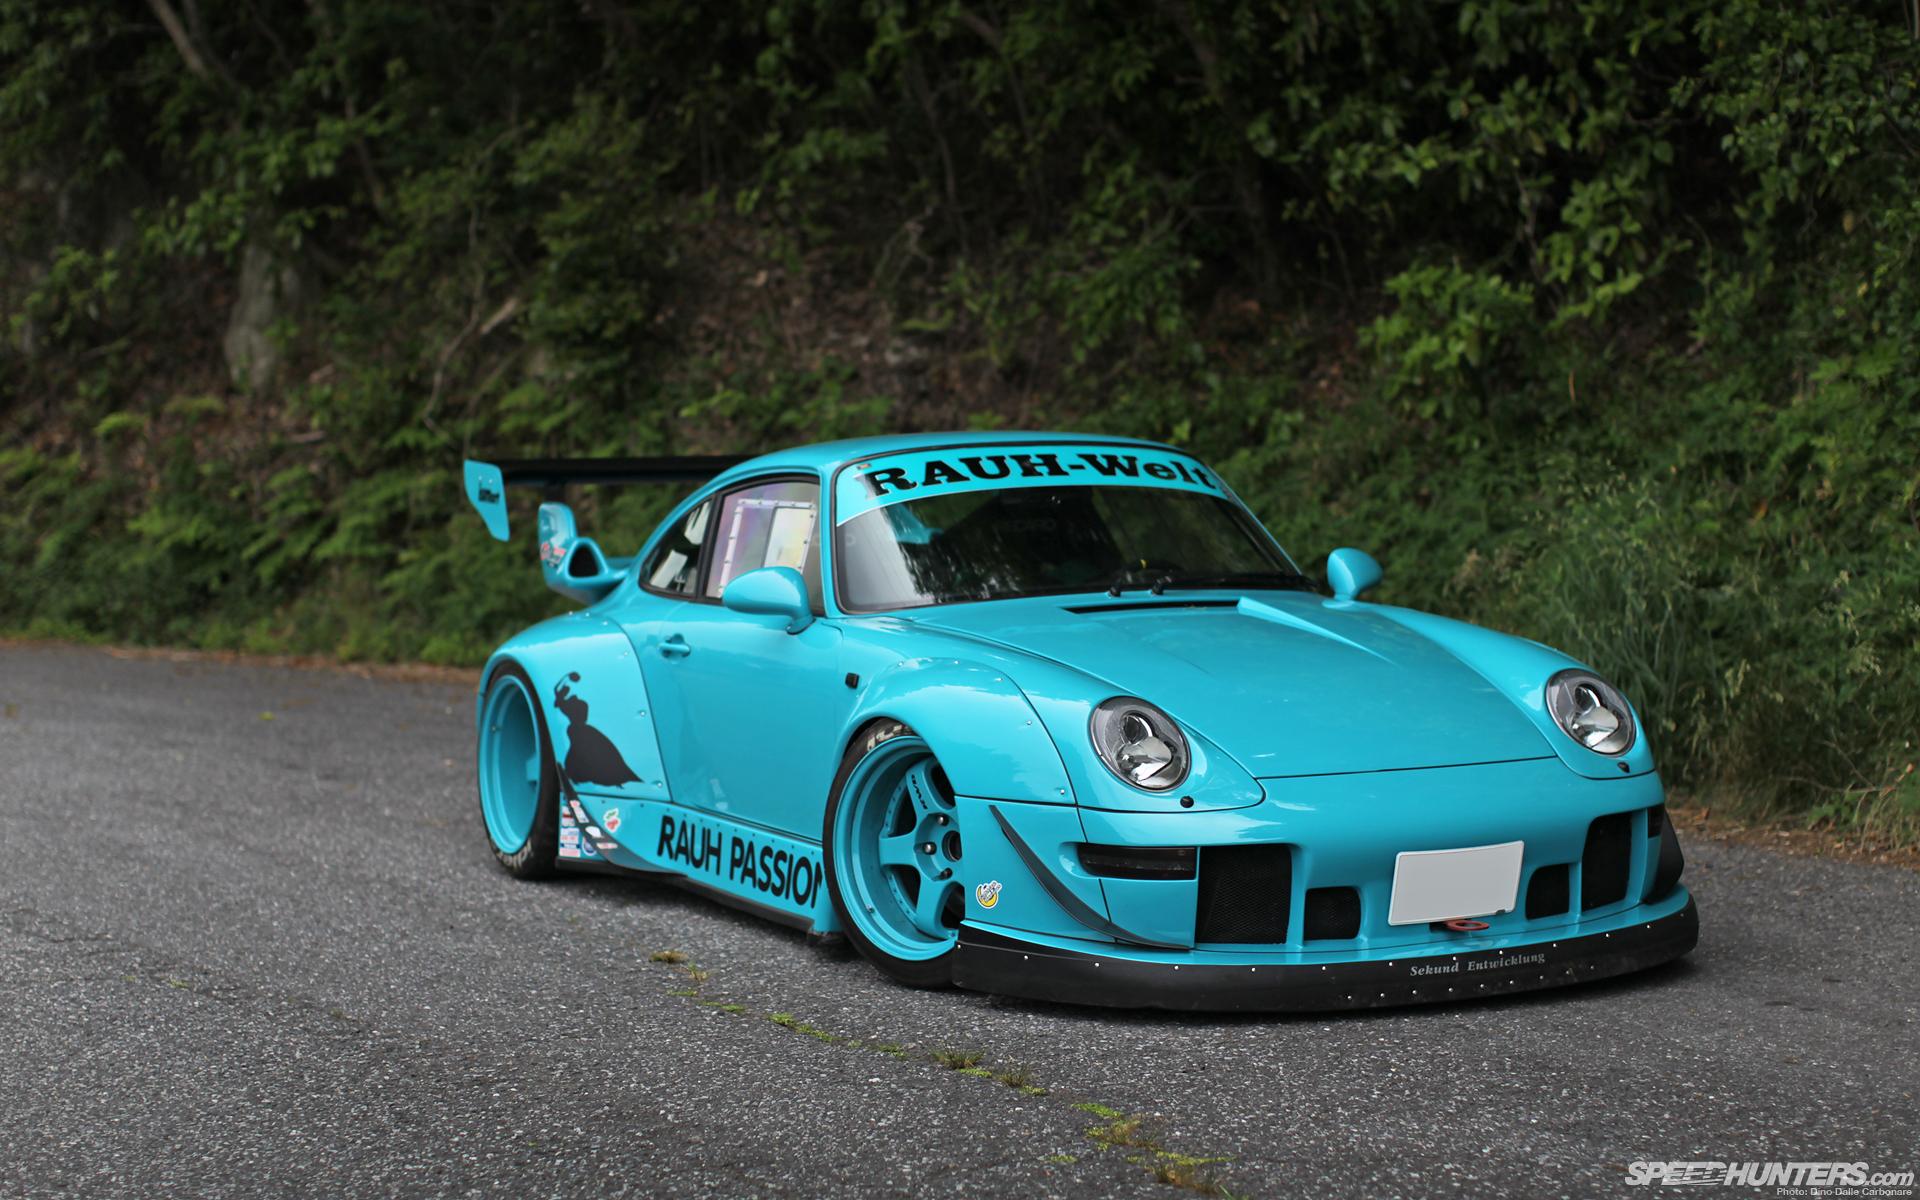 The Porsche That Rwb Built 187 More Japan Blog